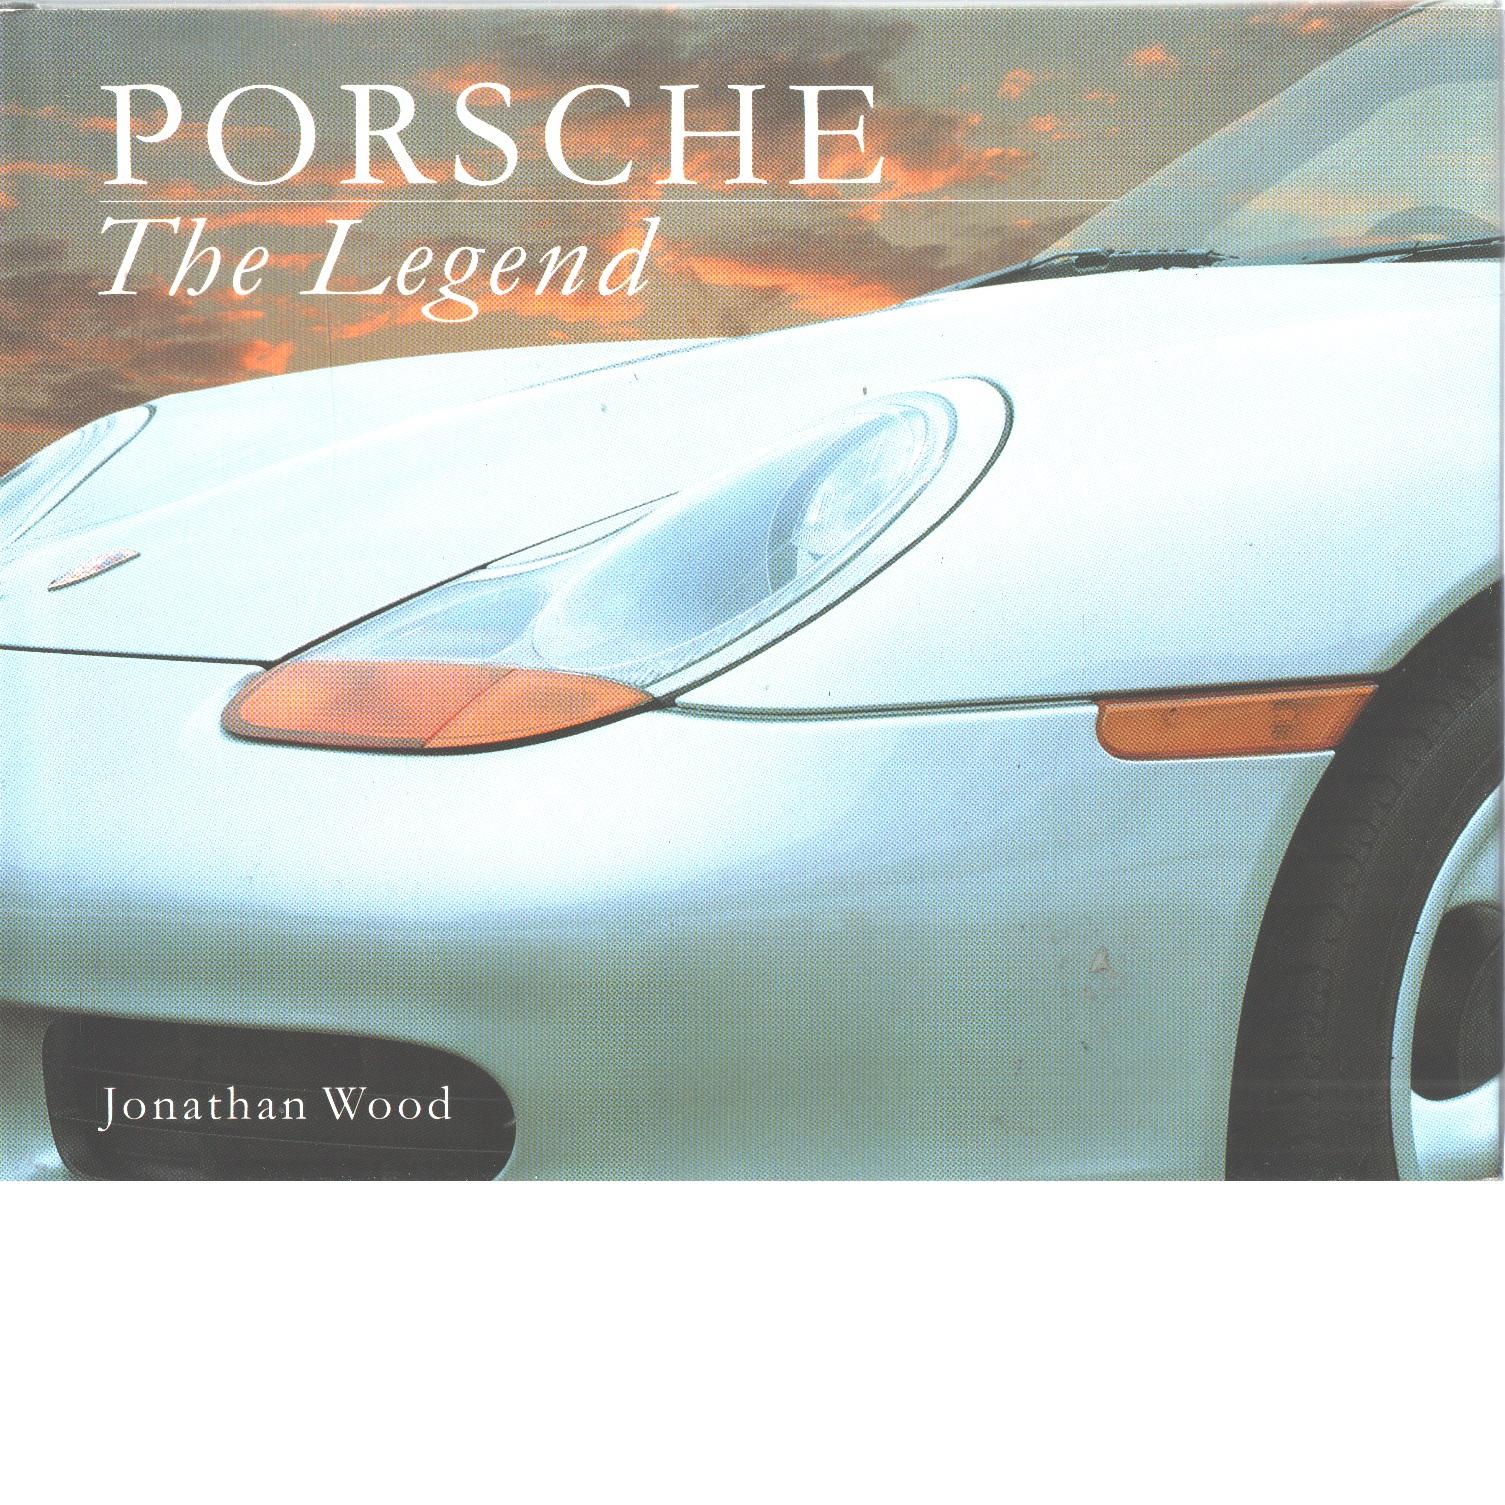 PORSCHE - THE LEGEND - Wood, Jonathan